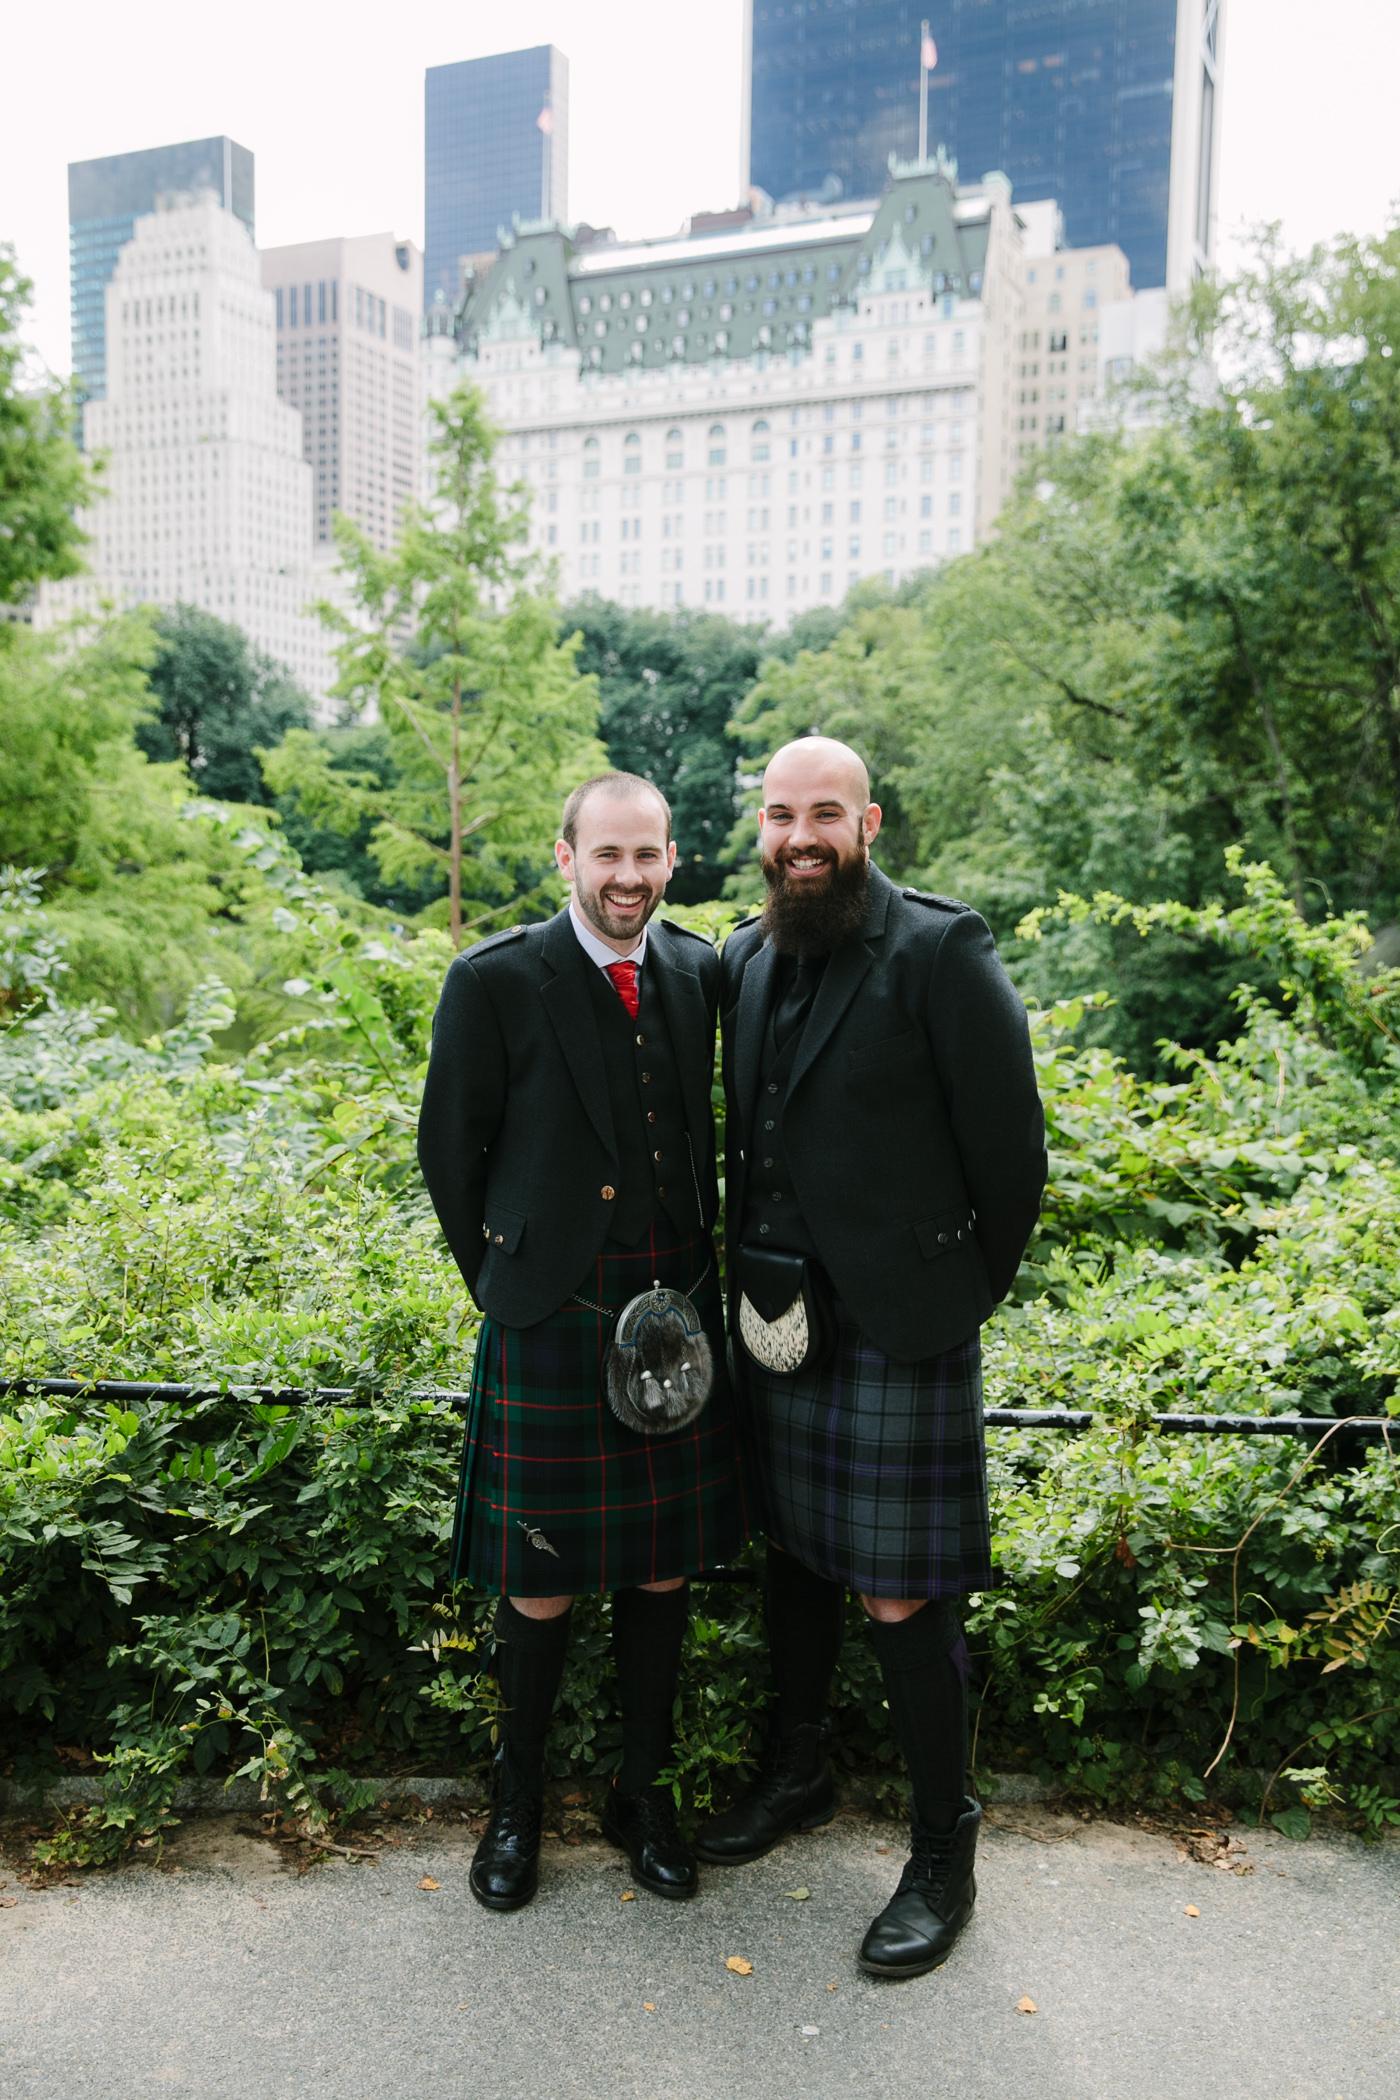 Central Park-Gapstow-bridge-wedding_H&K-96.jpg